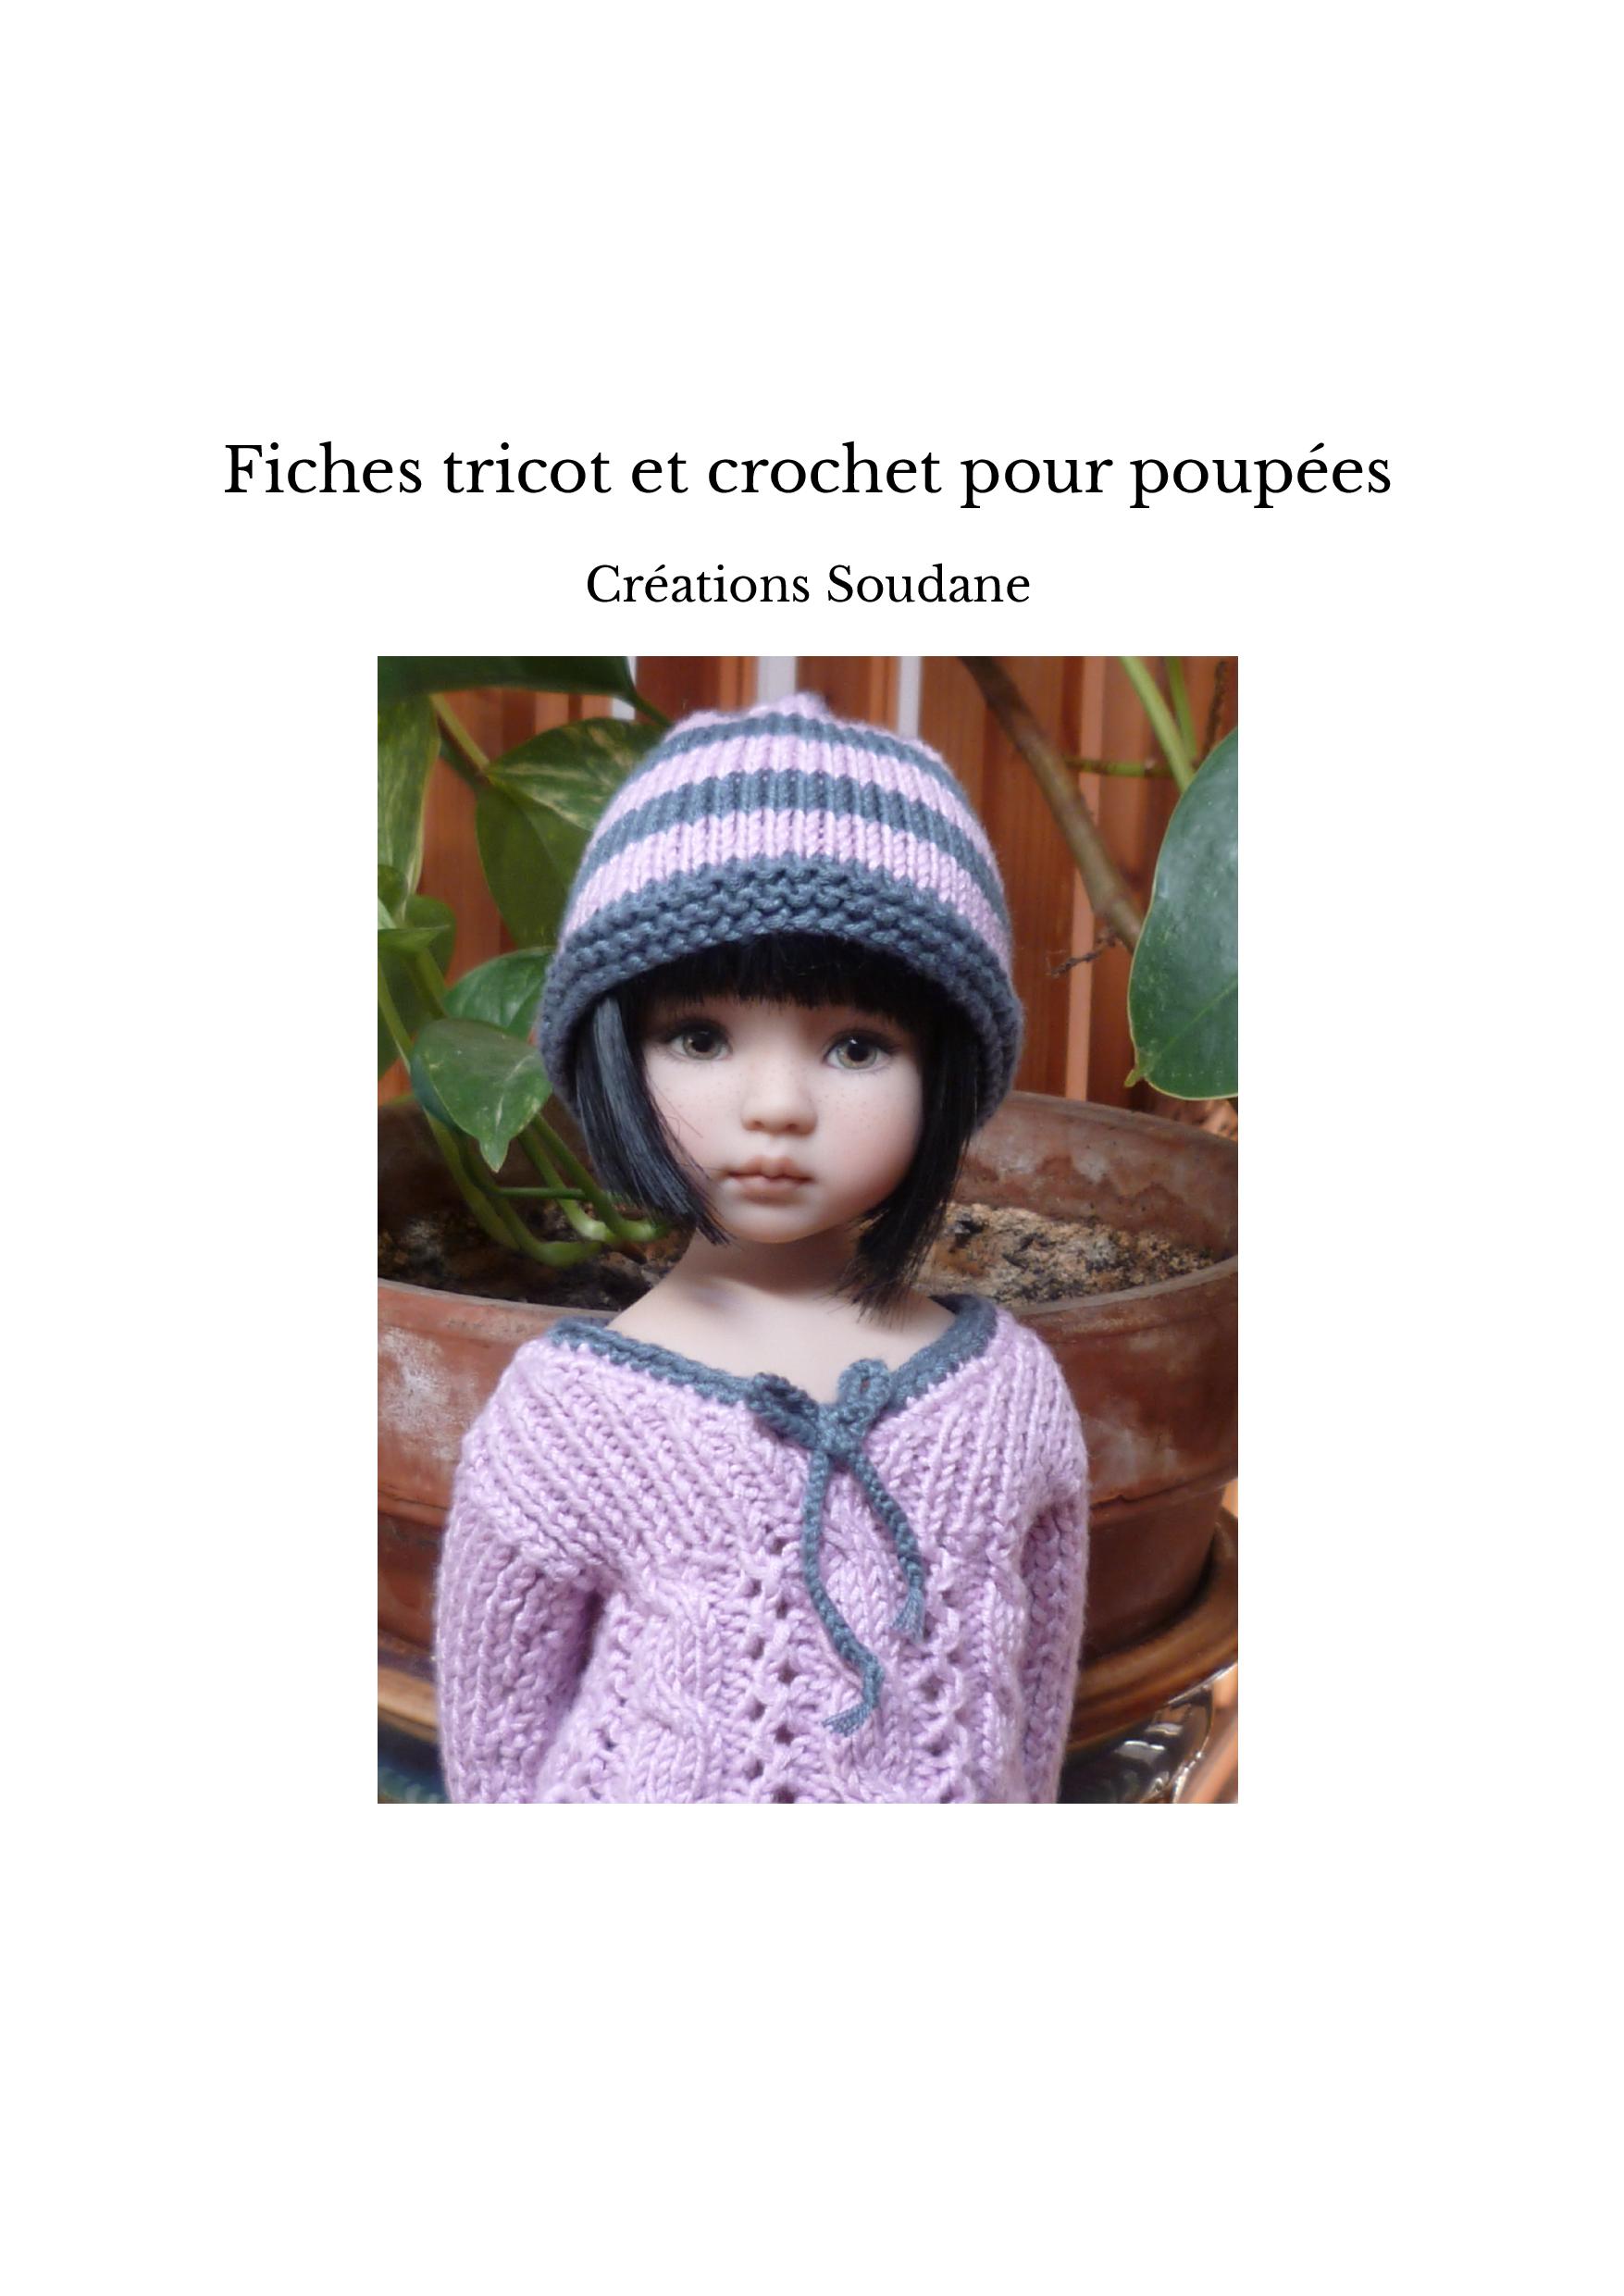 Fiches tricot et crochet pour poupées